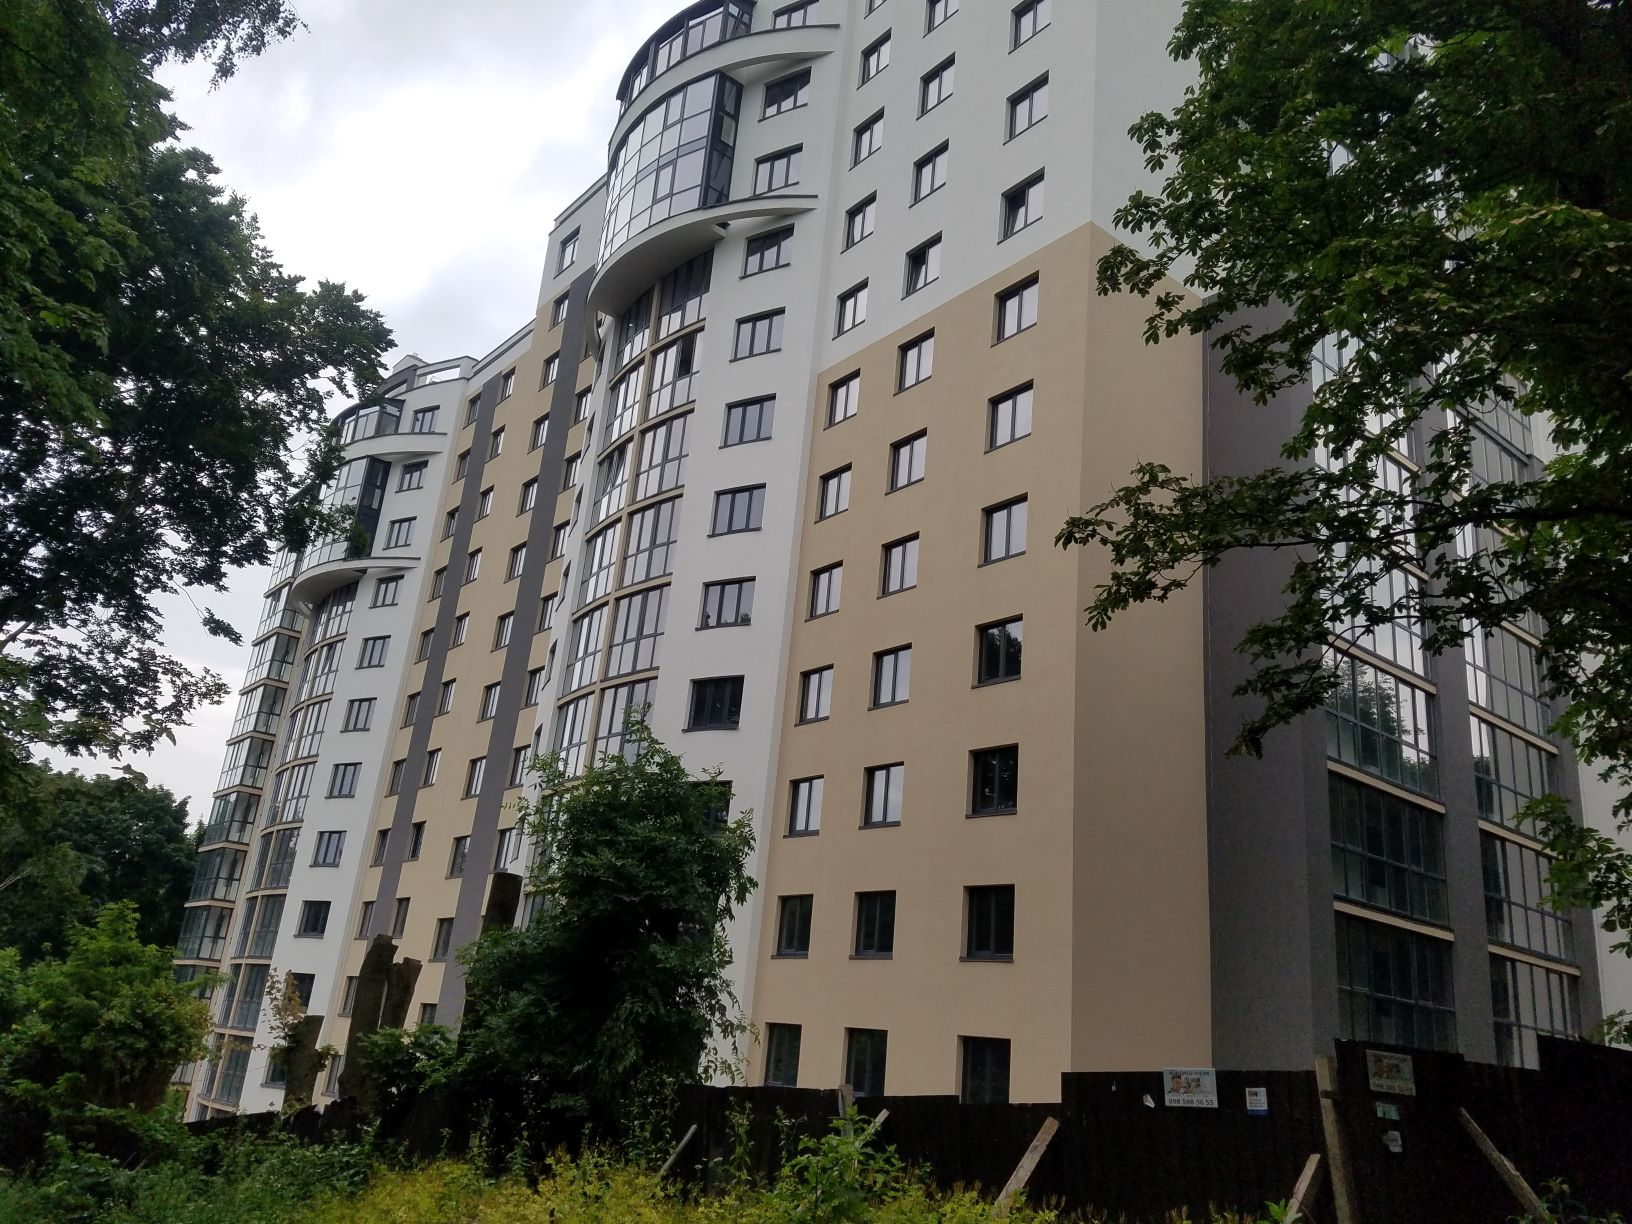 Забудова «Загребелля». Частина IV: житловий комплекс чи реабілітаційний центр для учасників АТО